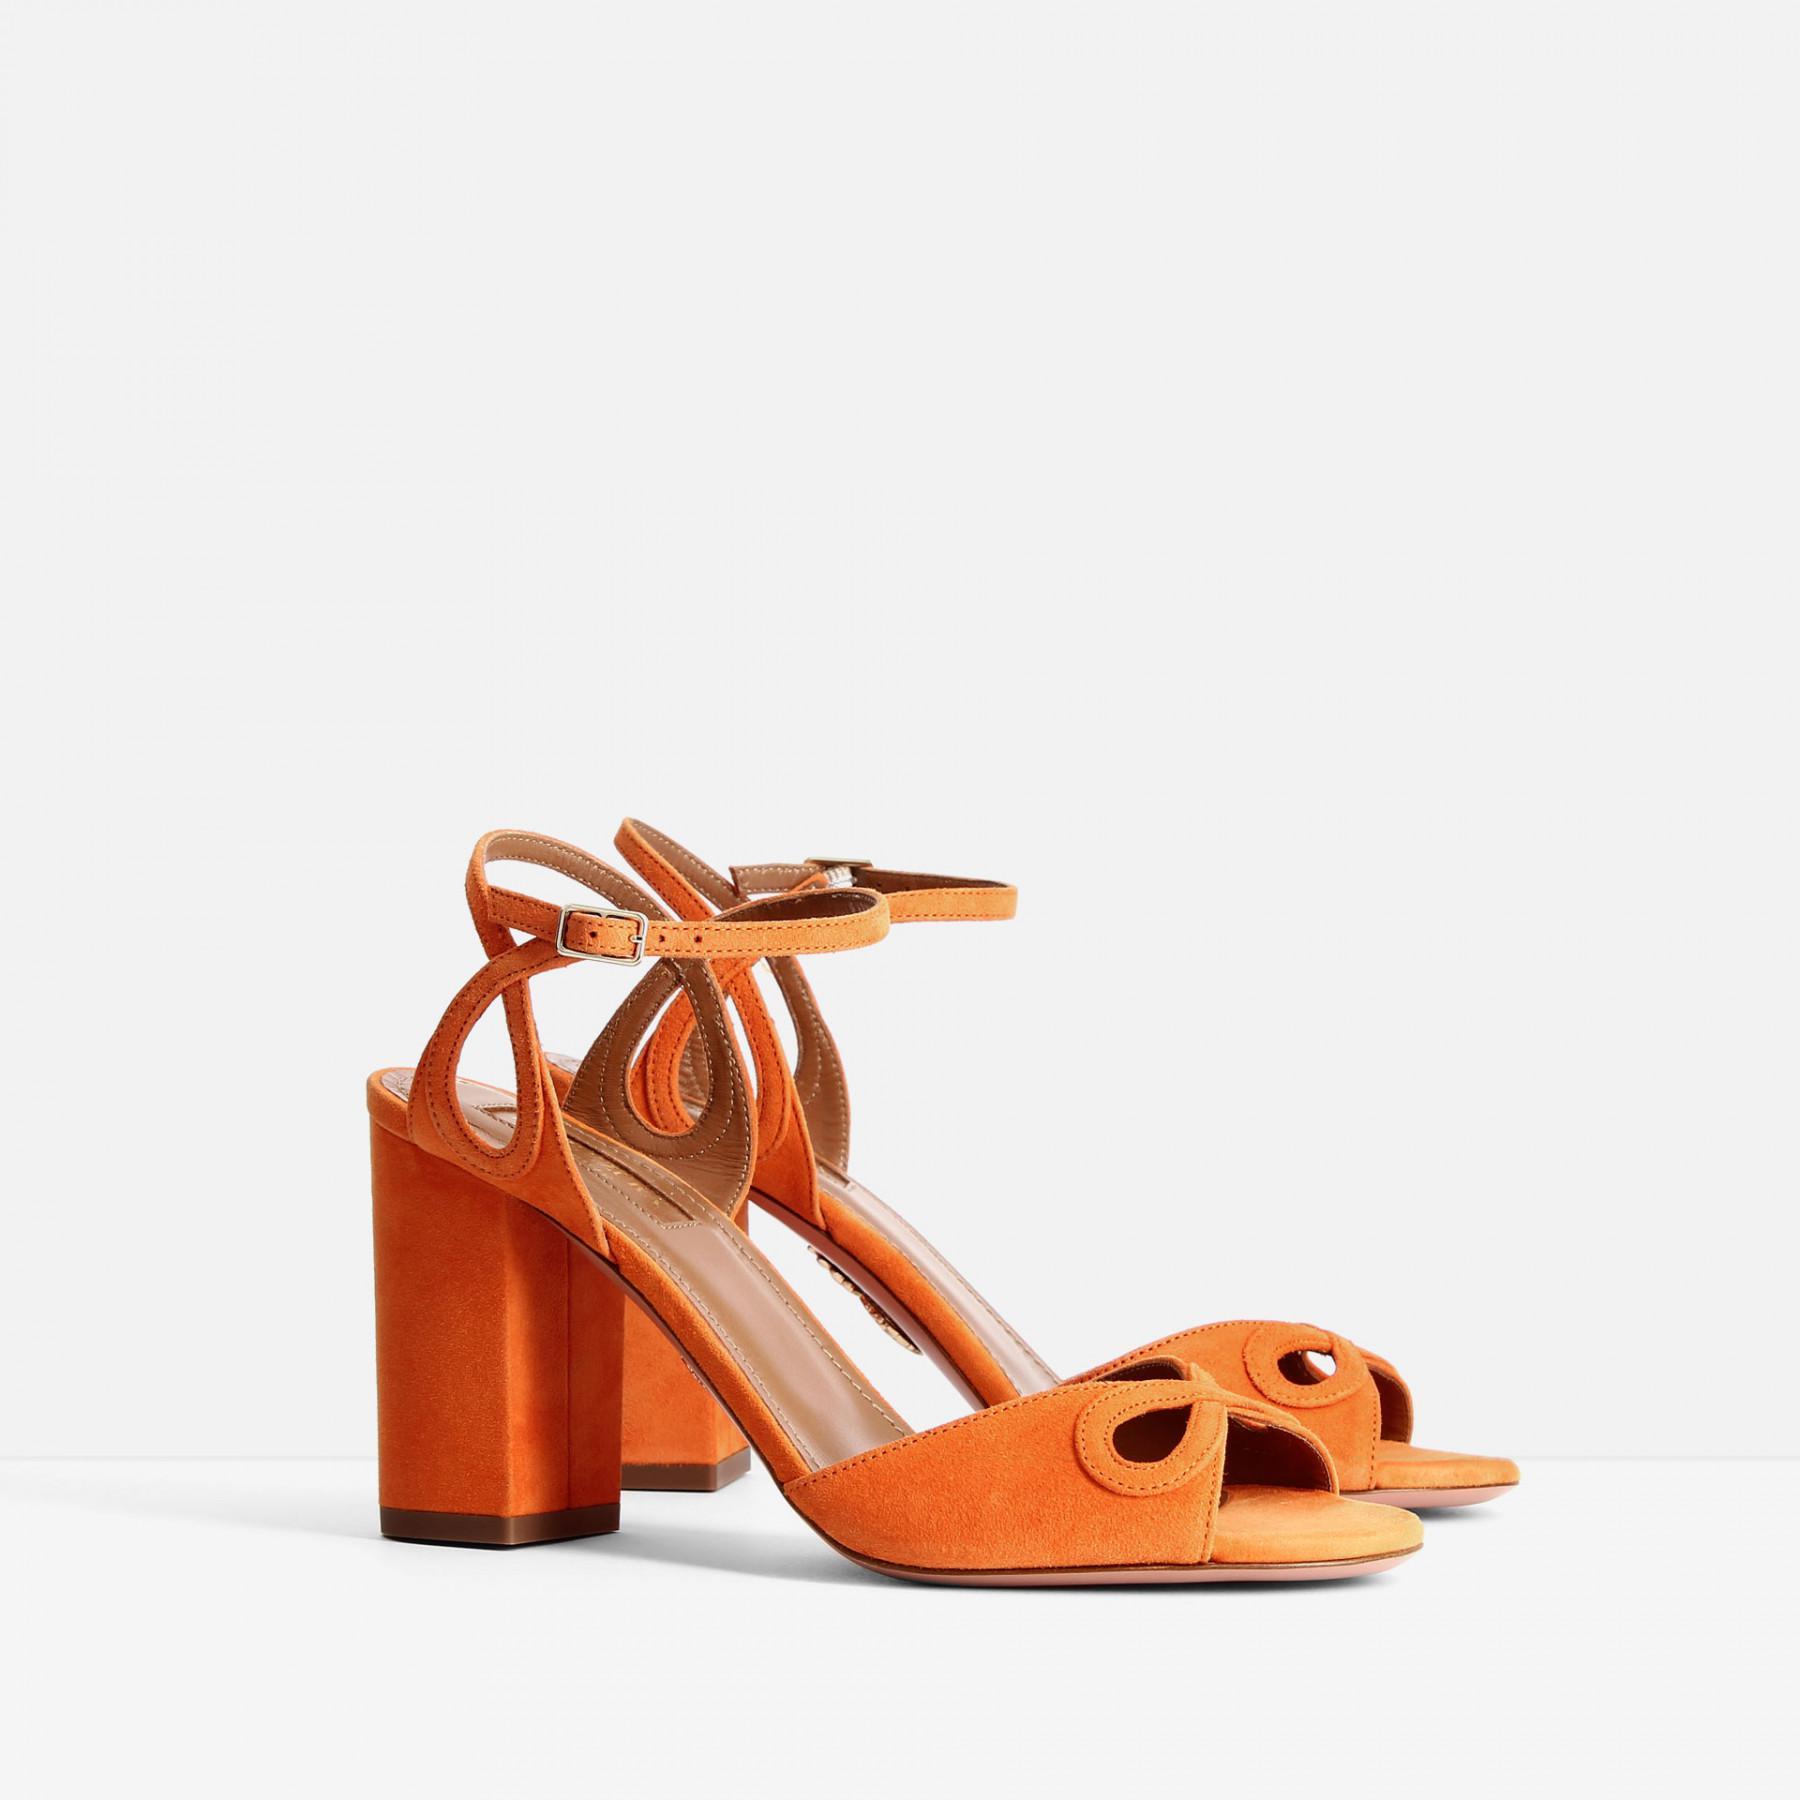 Sandale 85 Vera Aquazzura eKo4ZXSQ7